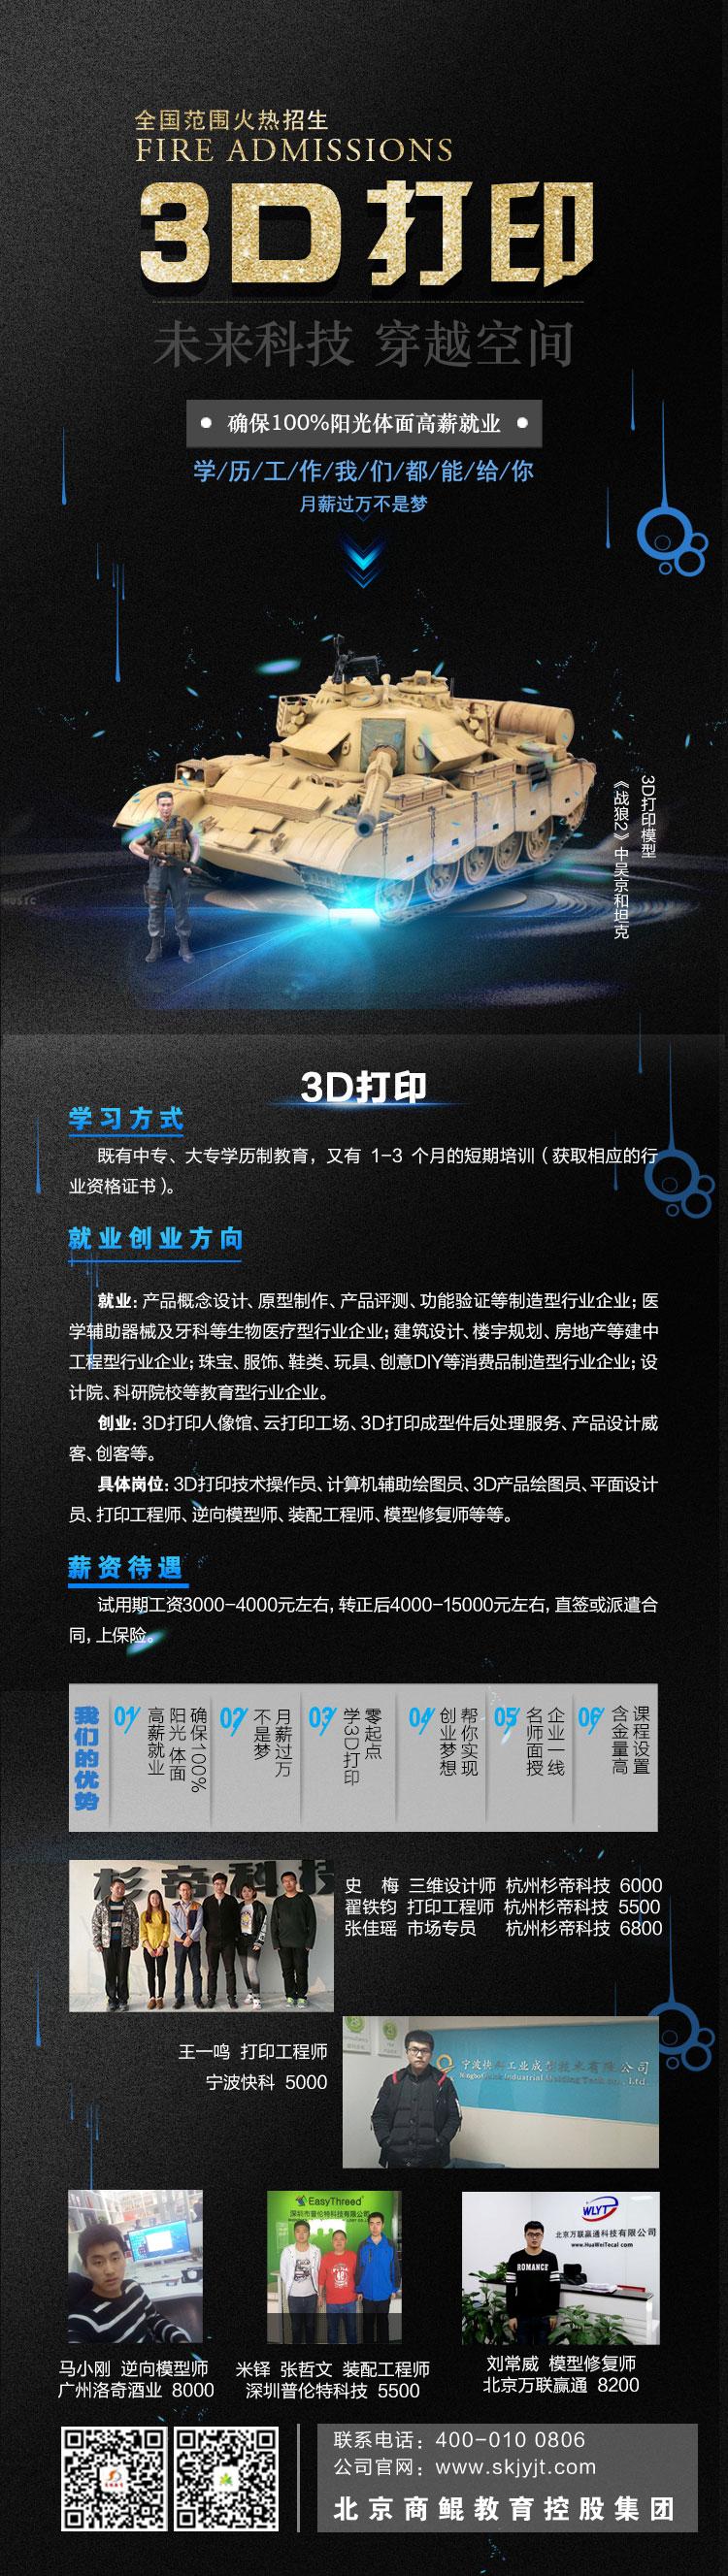 北京商鲲教育控股集团